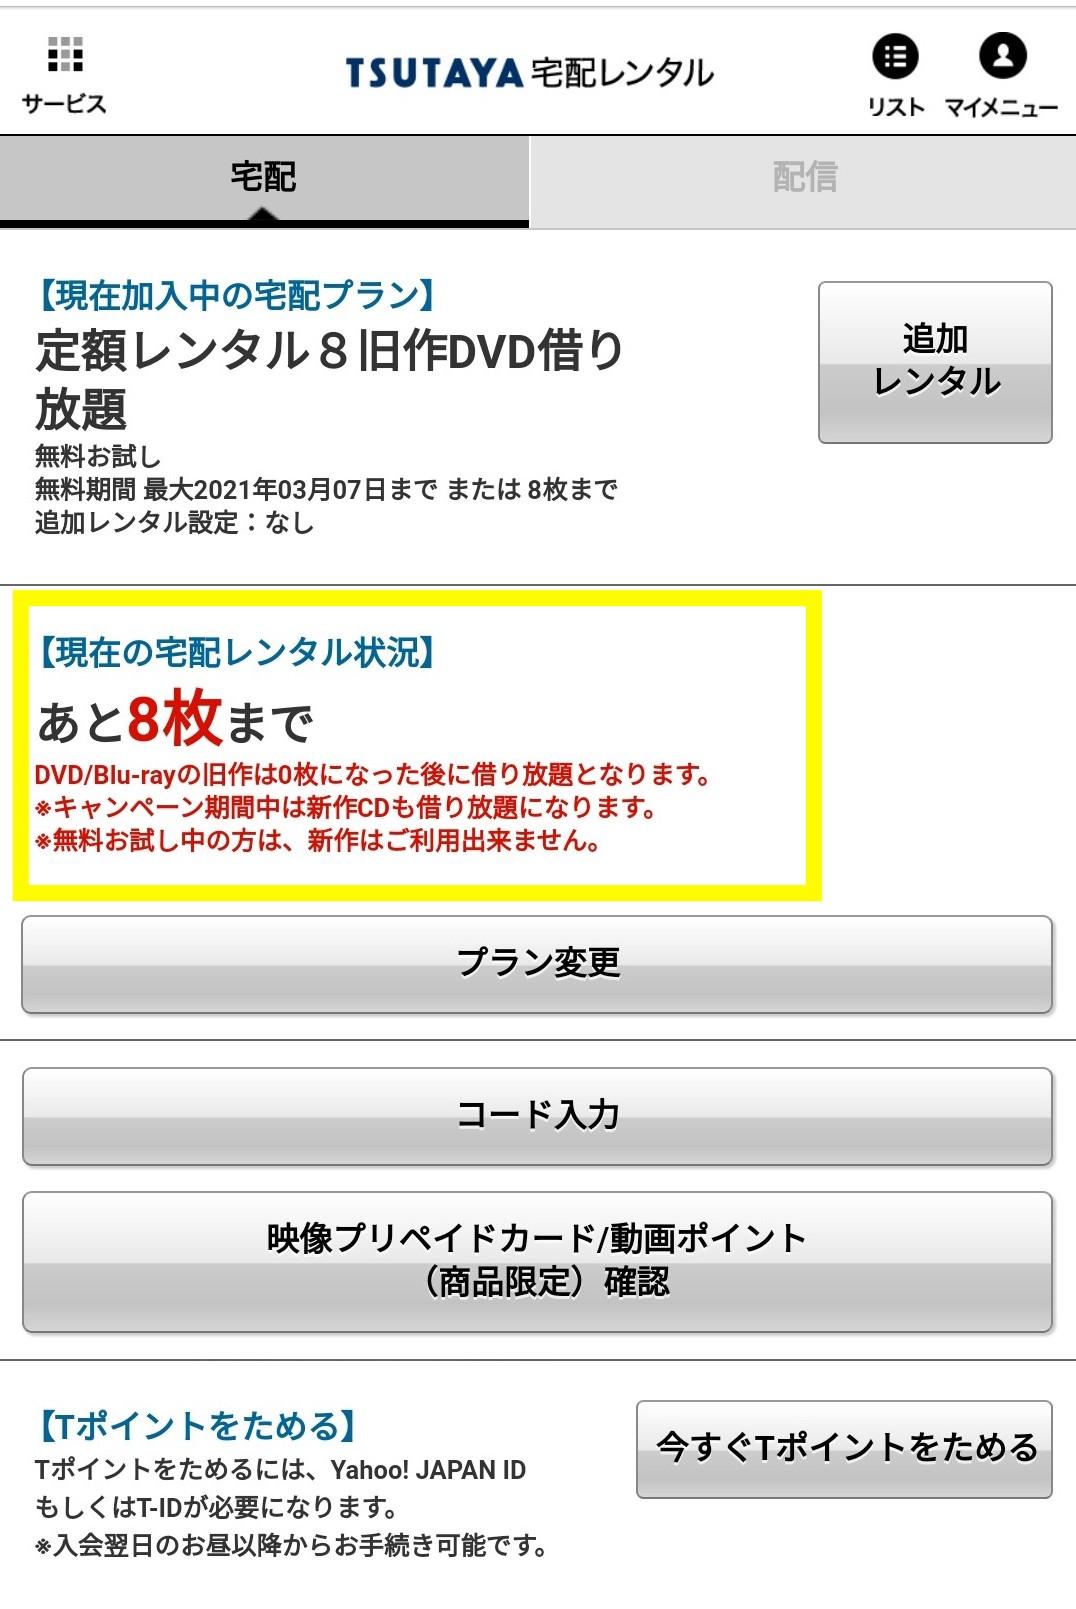 TSUTAYA登録方法10